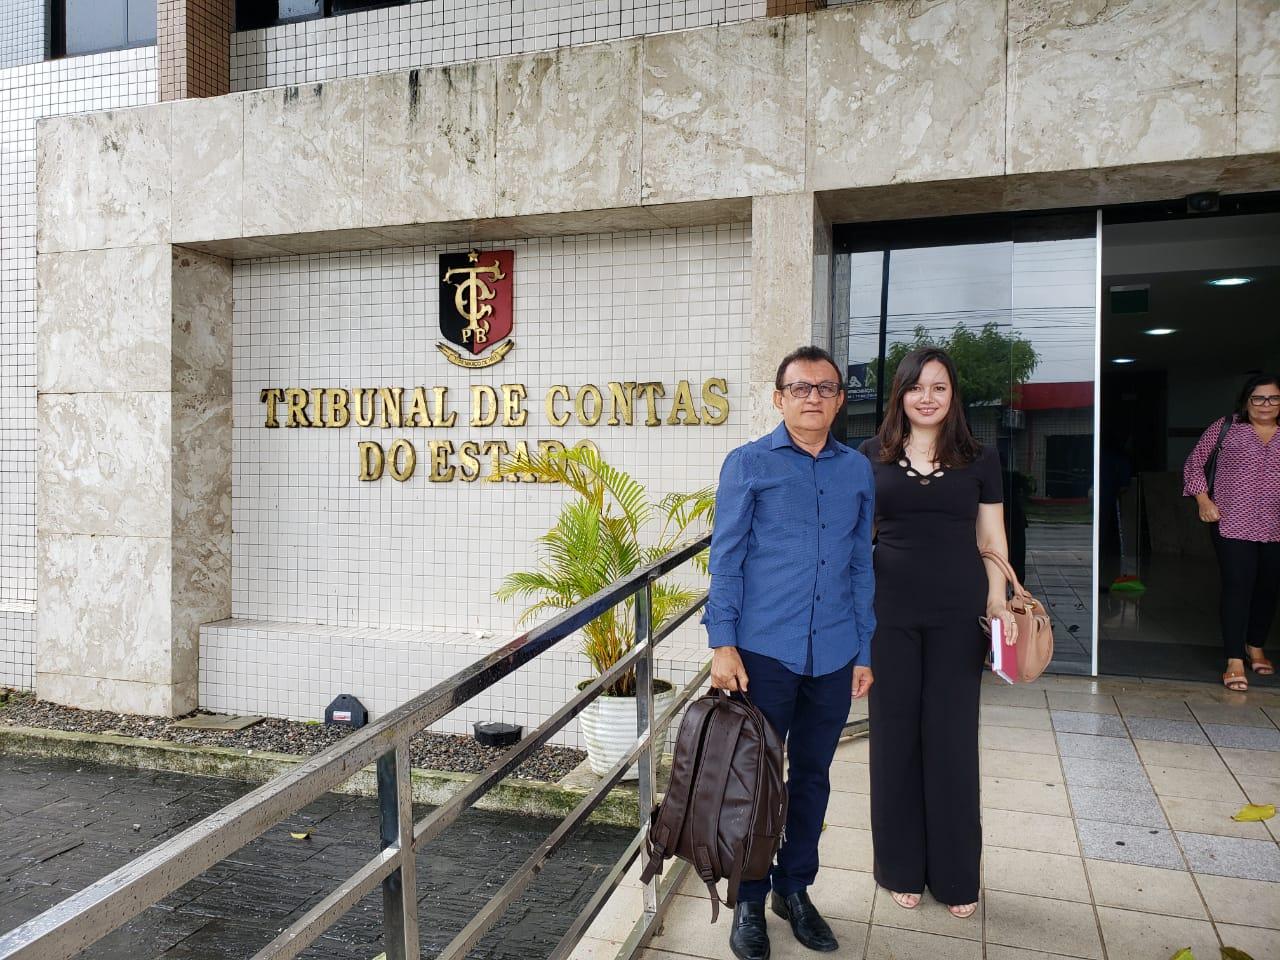 05072019 geraldinho - É TETRA: TCE aprova por unanimidade contas de 2016 da câmara municipal de Poço José de Moura e presidente comemora pela quarta vez